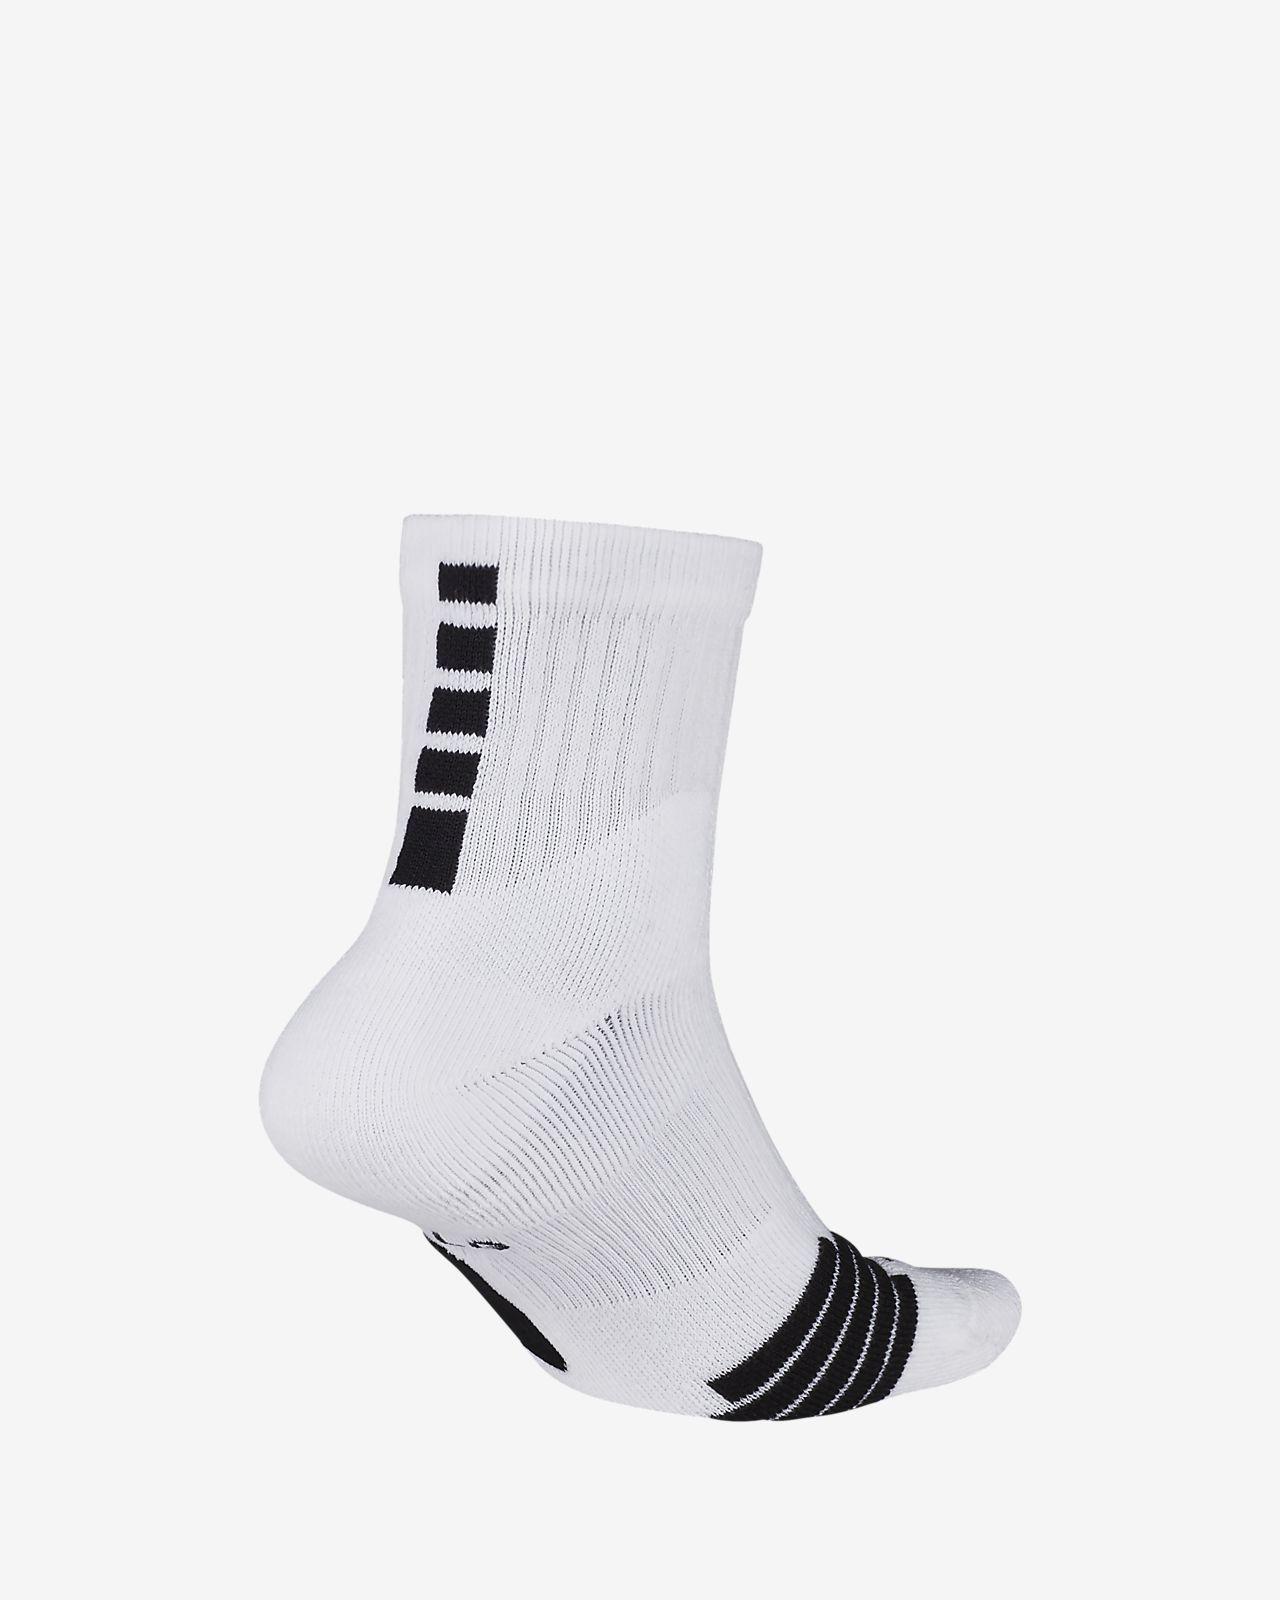 buy online 98b9c 5c6da ... Nike Elite Mid Basketball Socks